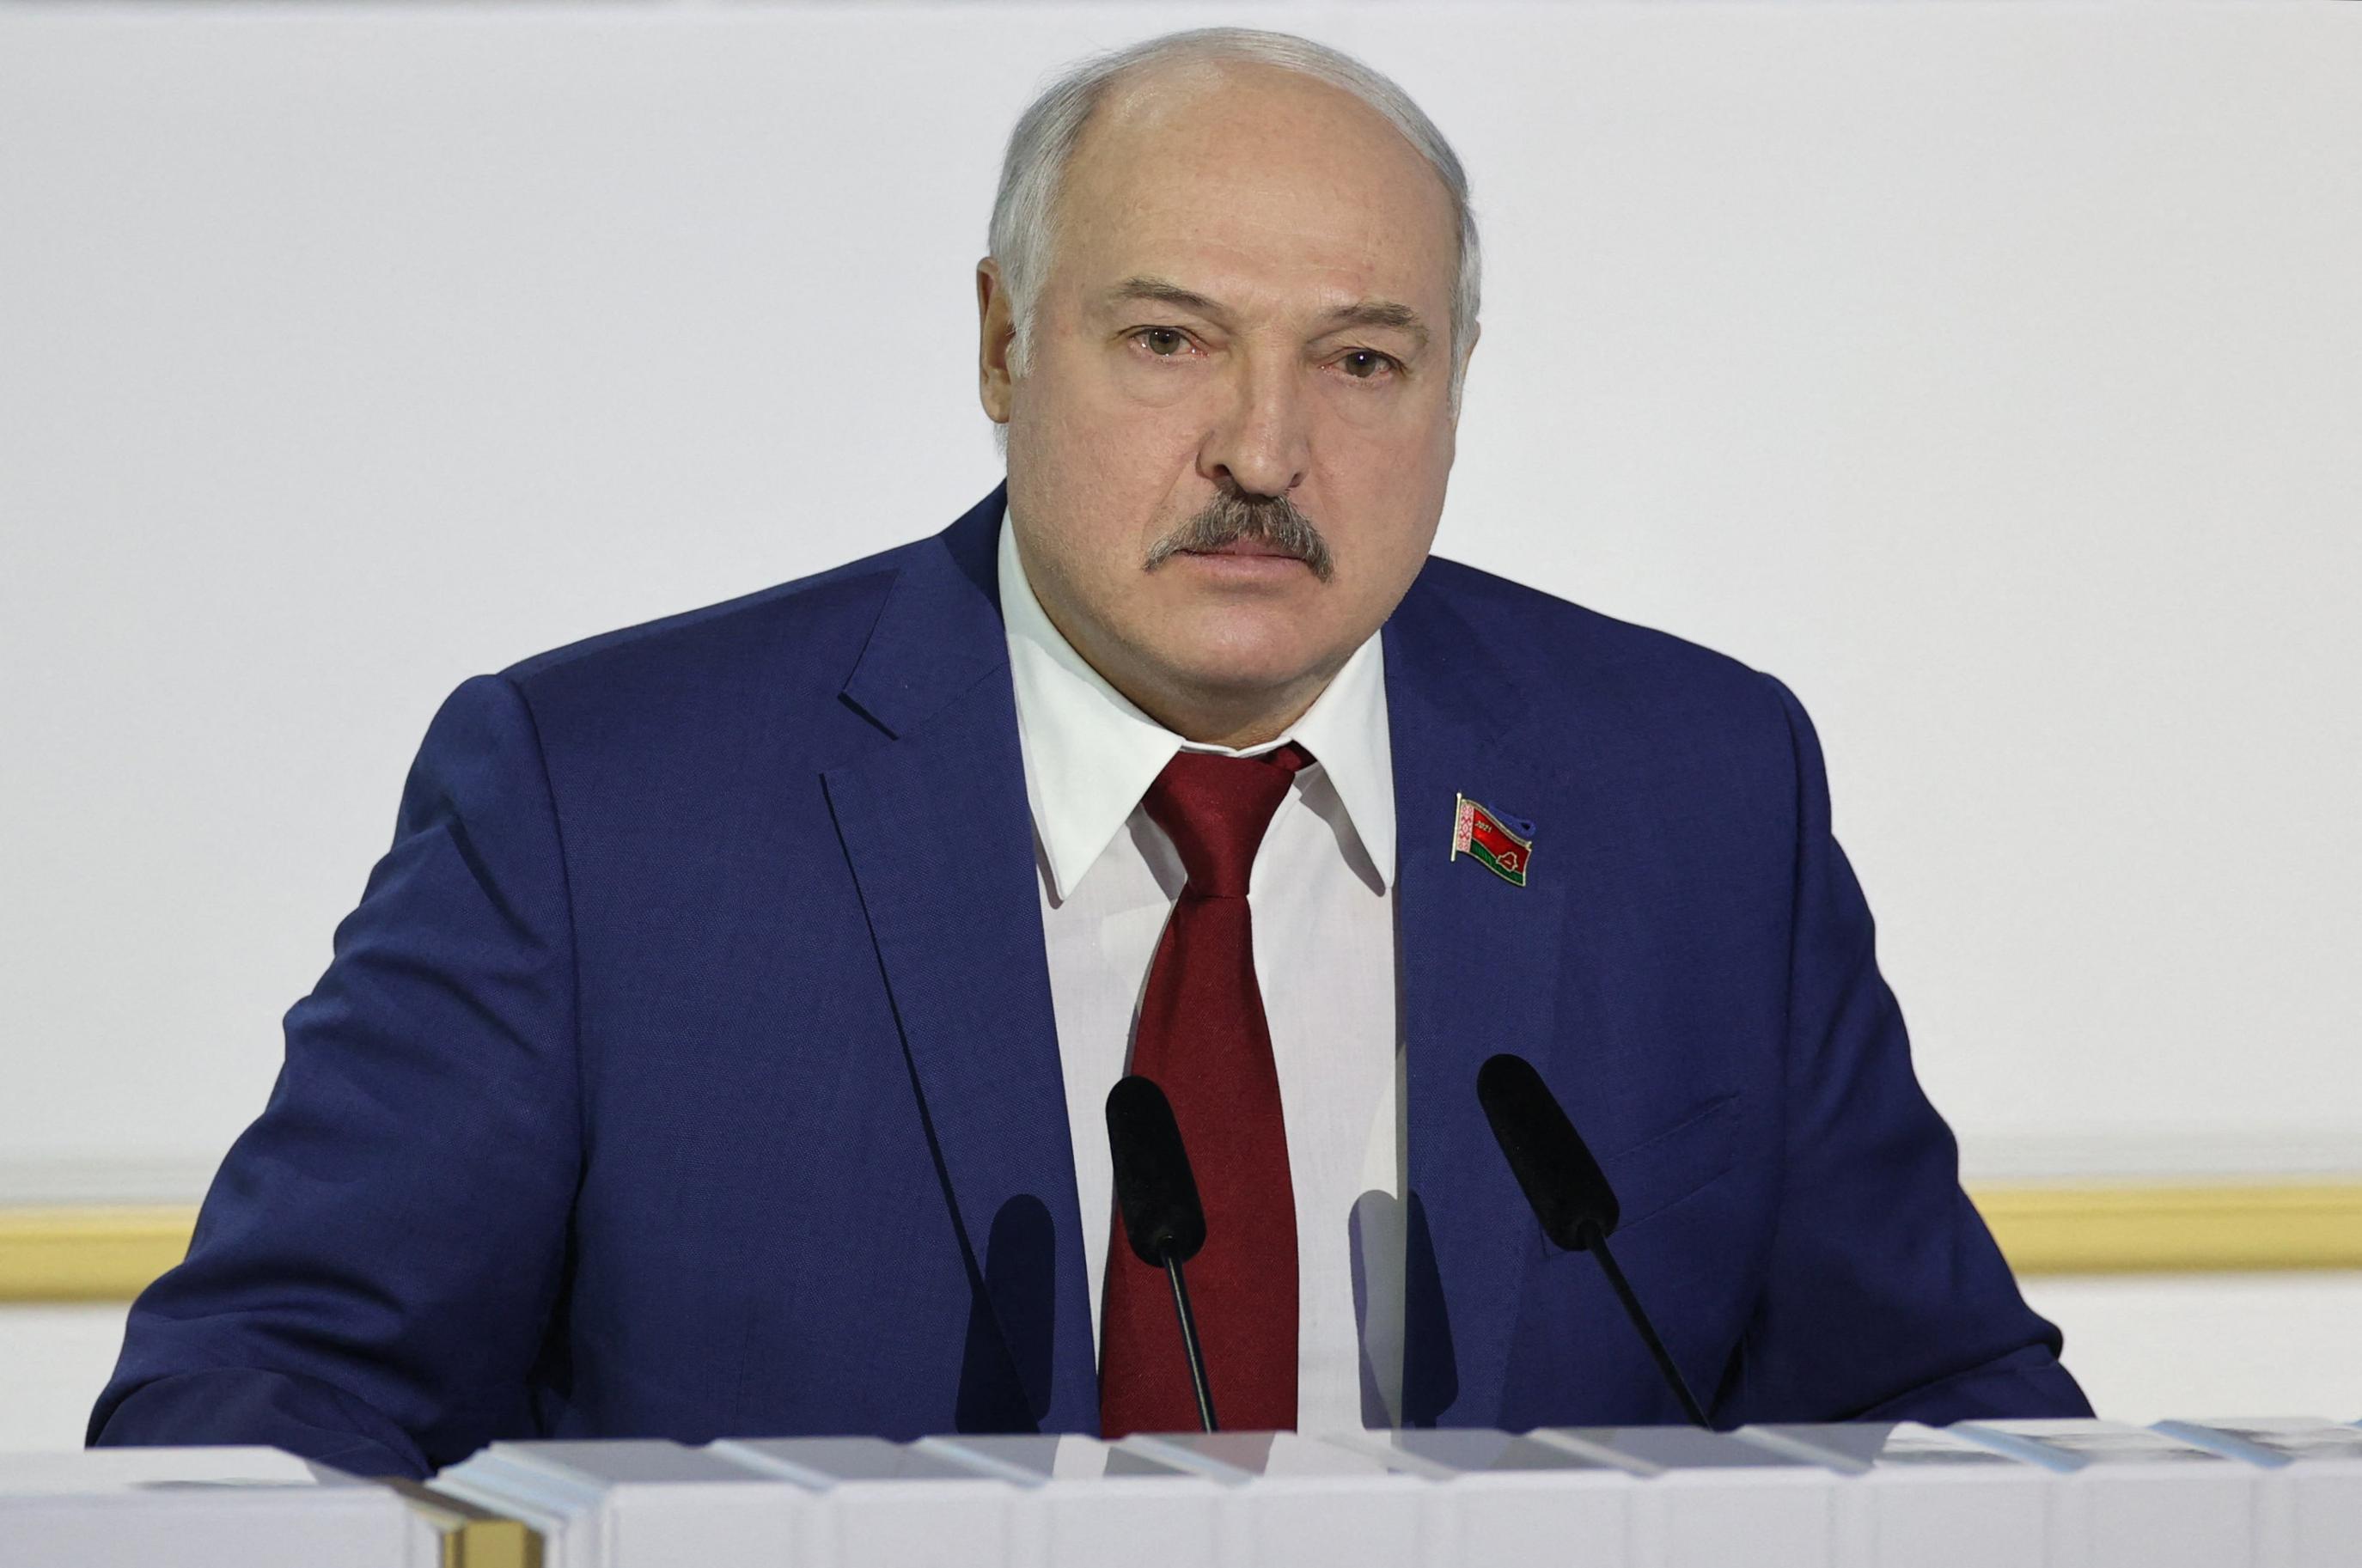 Lukasenka szerint külső erők manipulálták Cimanovszkaját